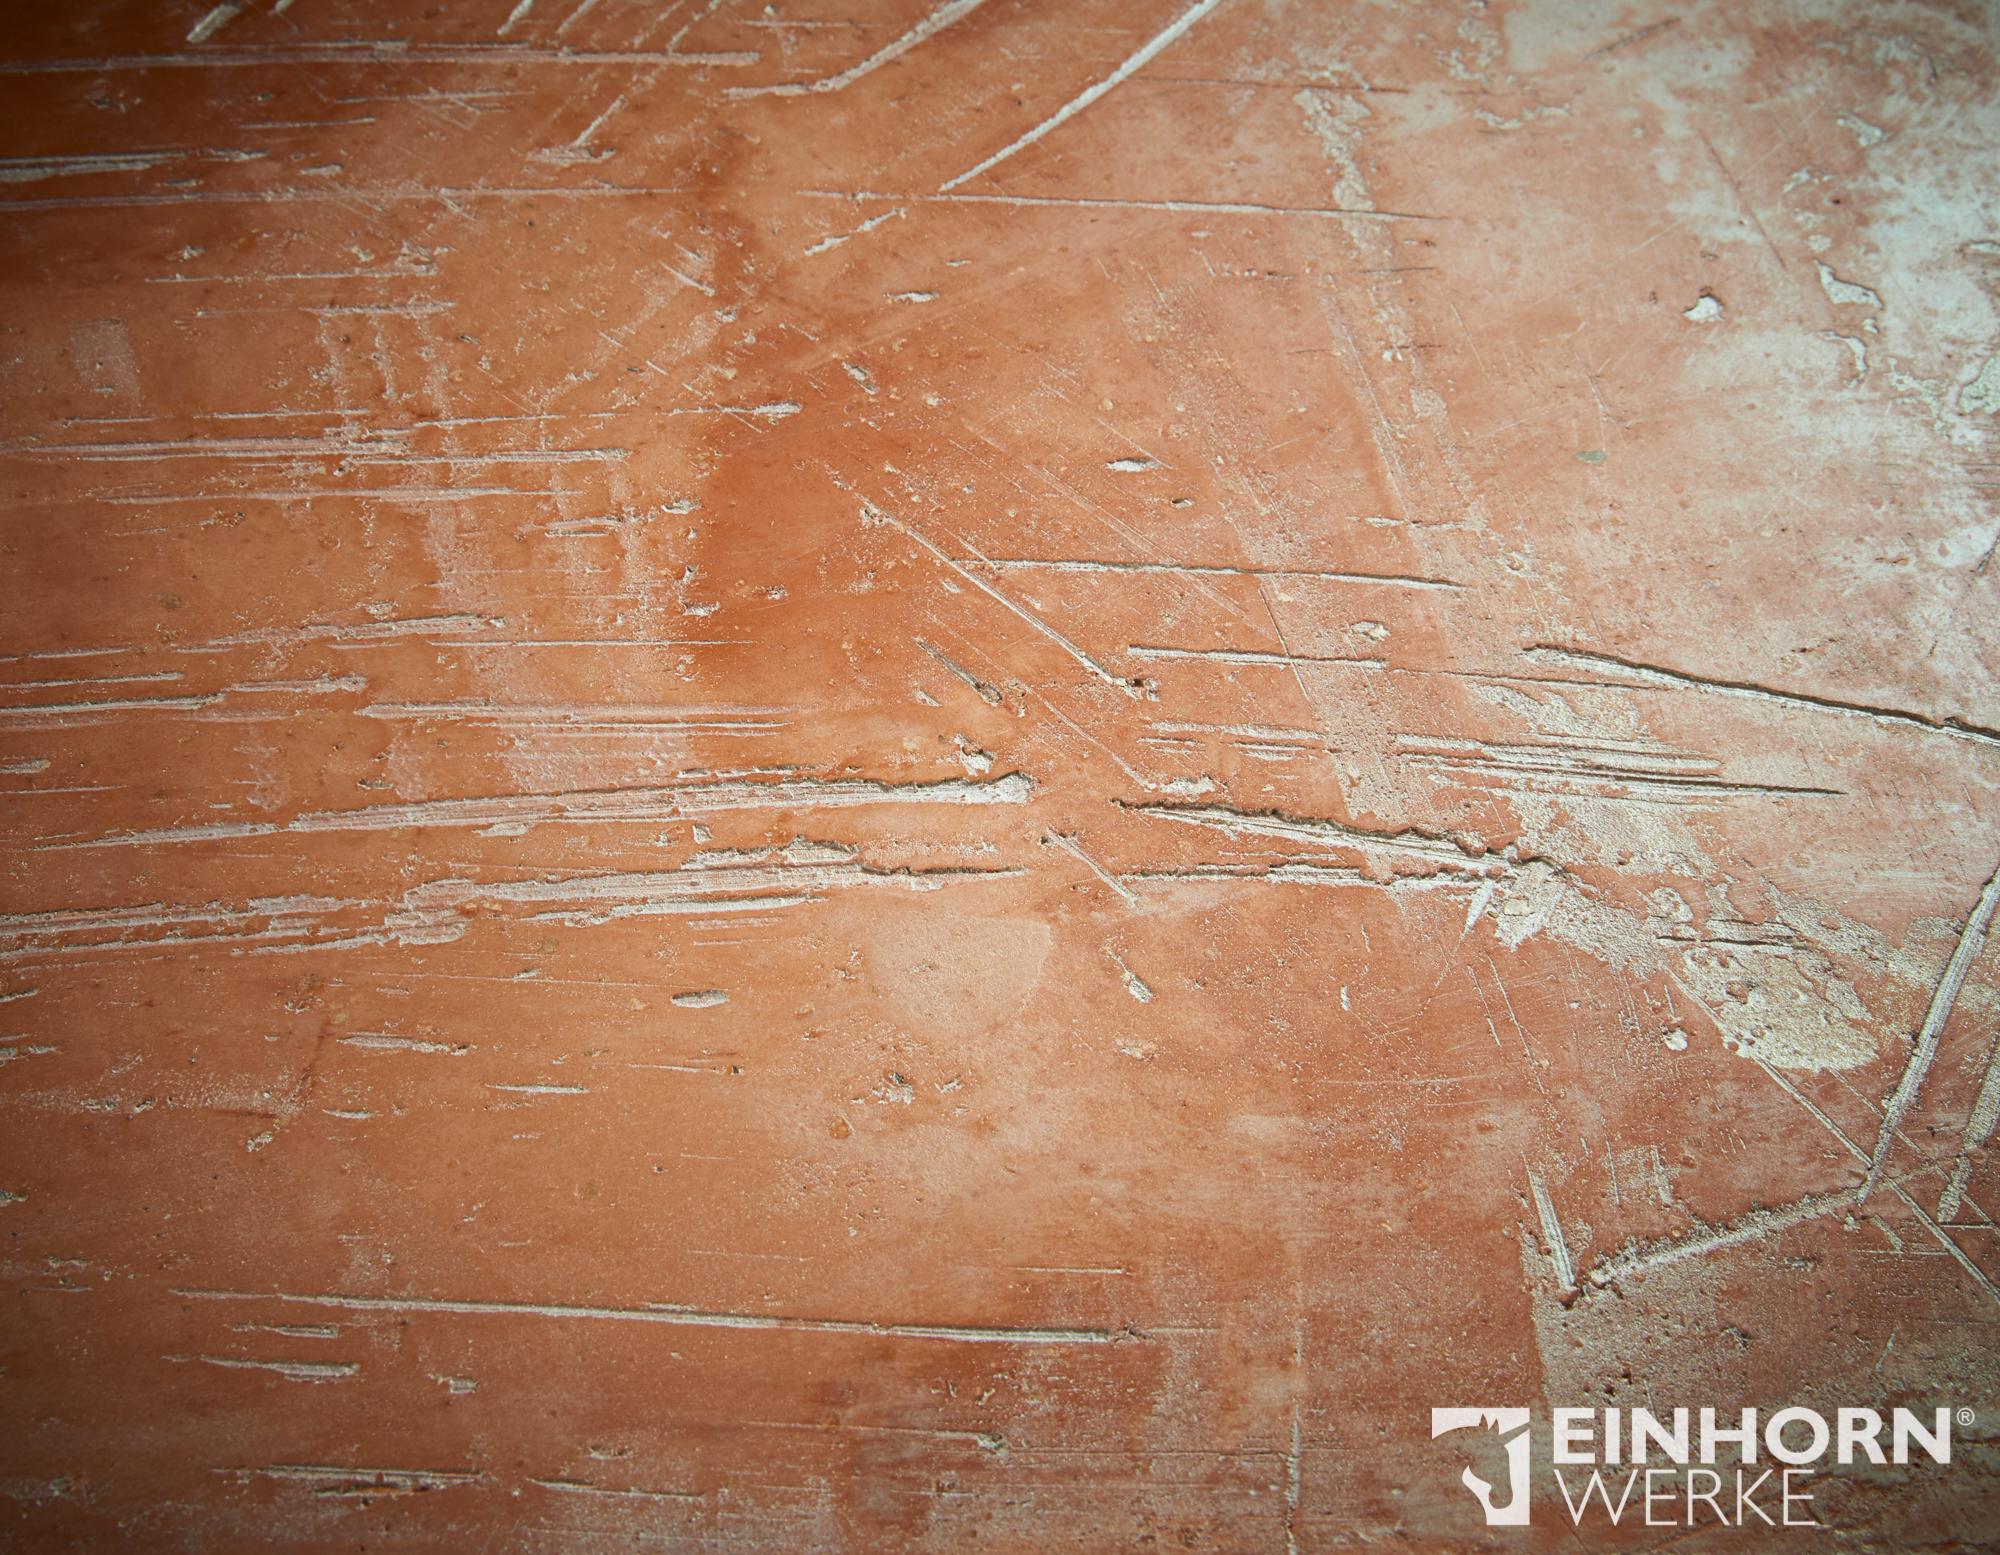 STUCCORINO 3207 & STUCCORINO 3204 ineinander gezogen + Goldglimmer mittel + Stuccorino Effect Turmalin + Einhorn Werke Wand und Bodenöl plus Marmorputz Wandgestaltung Tirol